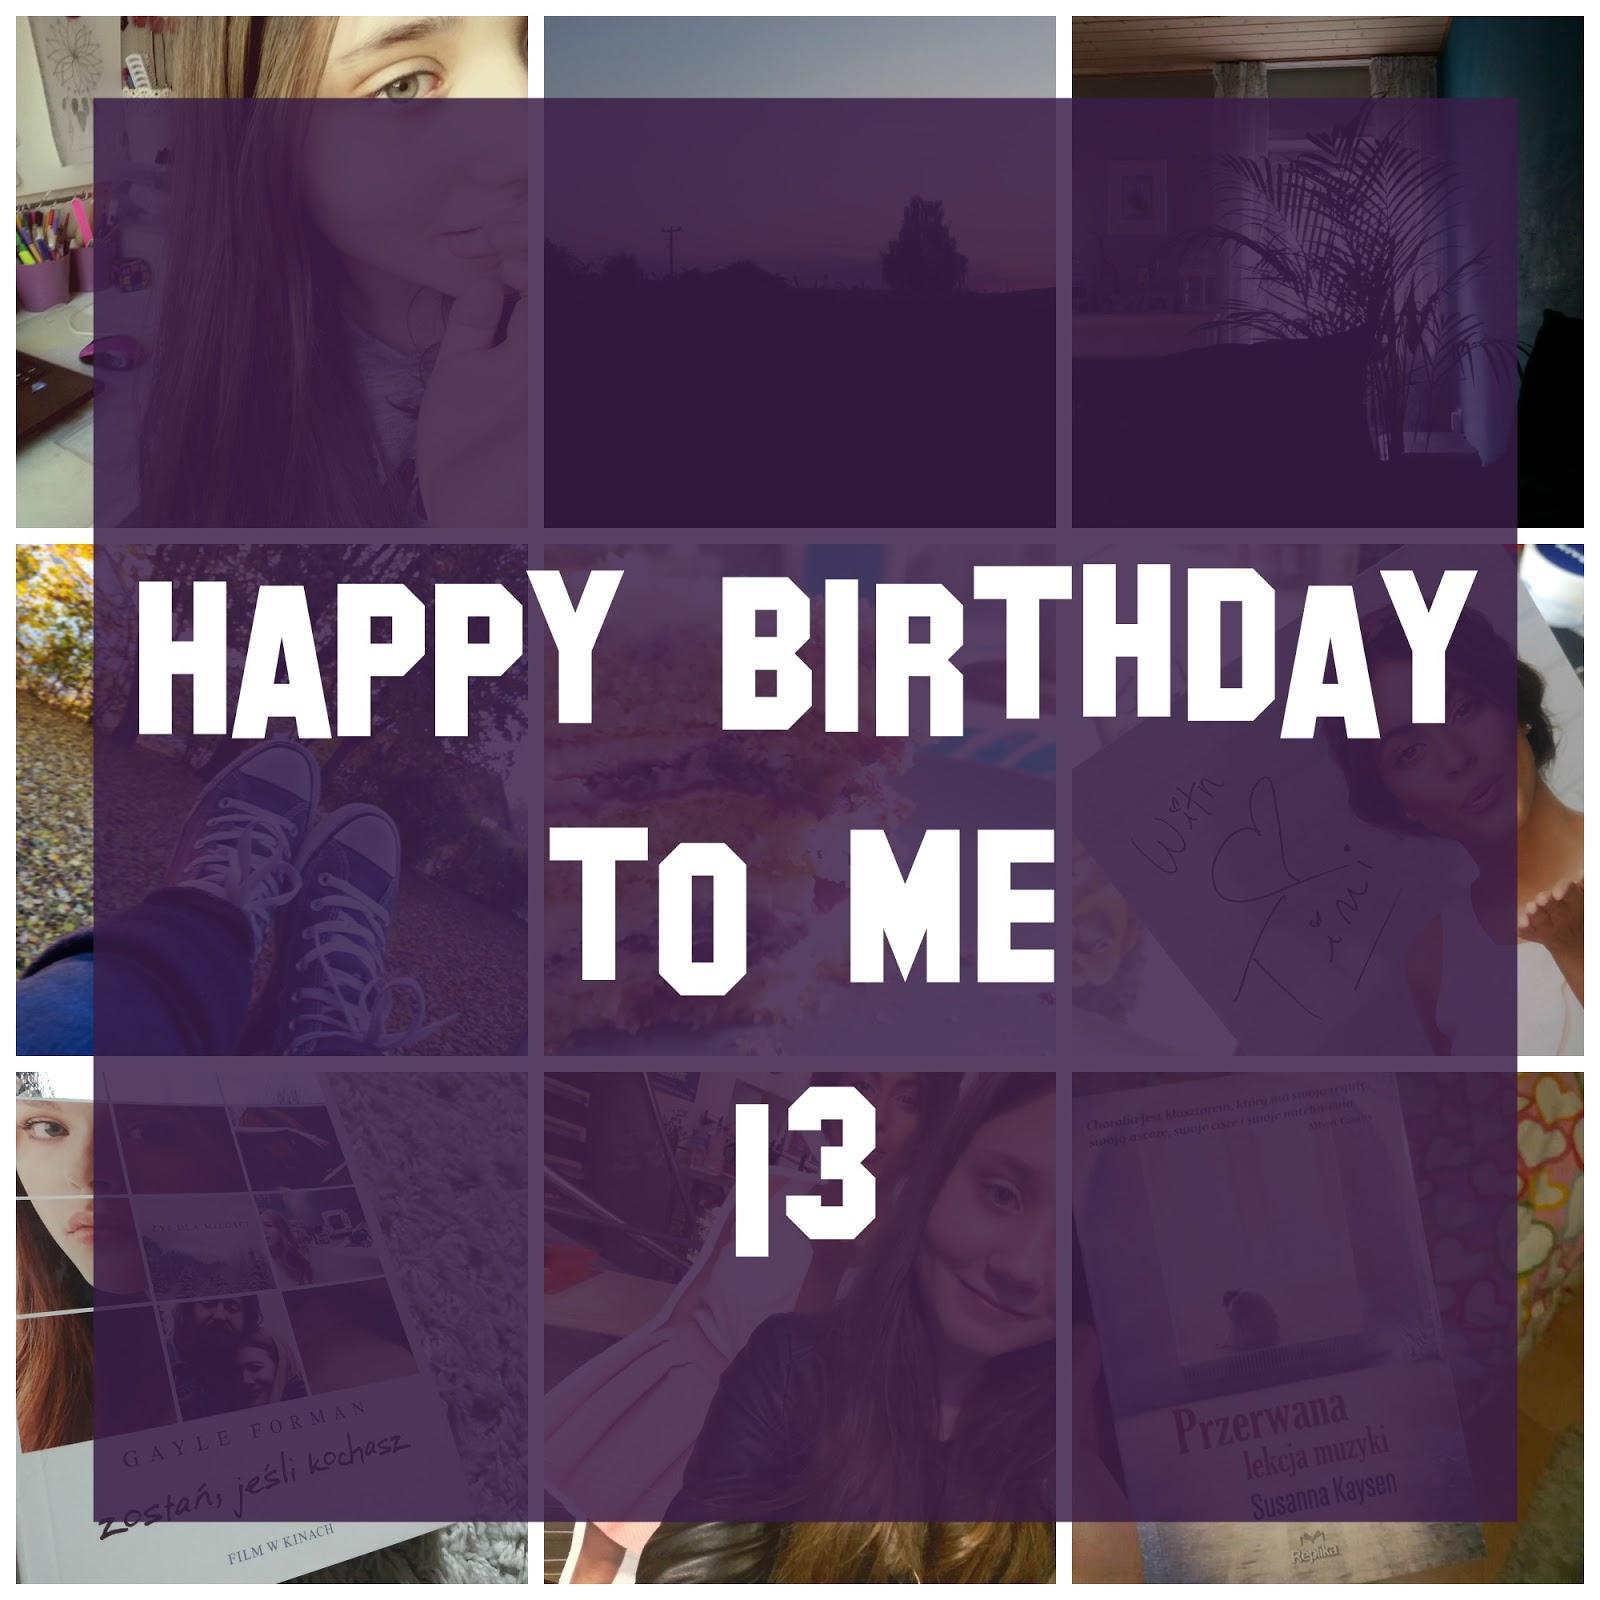 Happy birthday to me   13